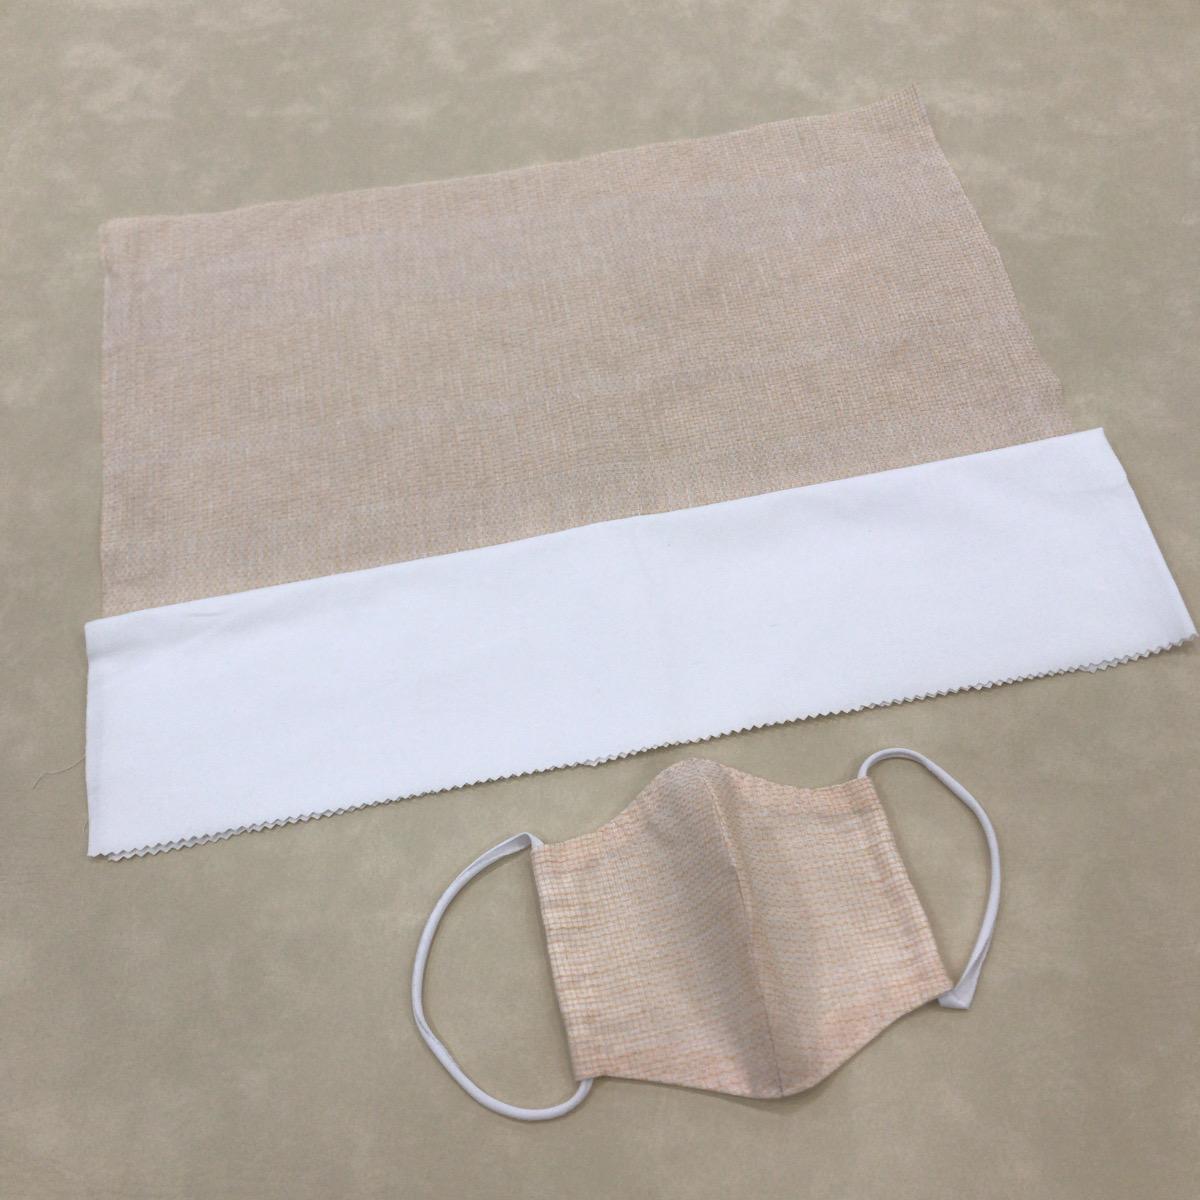 【浴衣地 手作り用マスクキット】浴衣地(綿85% 麻15%)と綿100 %白生地のセット/ステイホーム時に